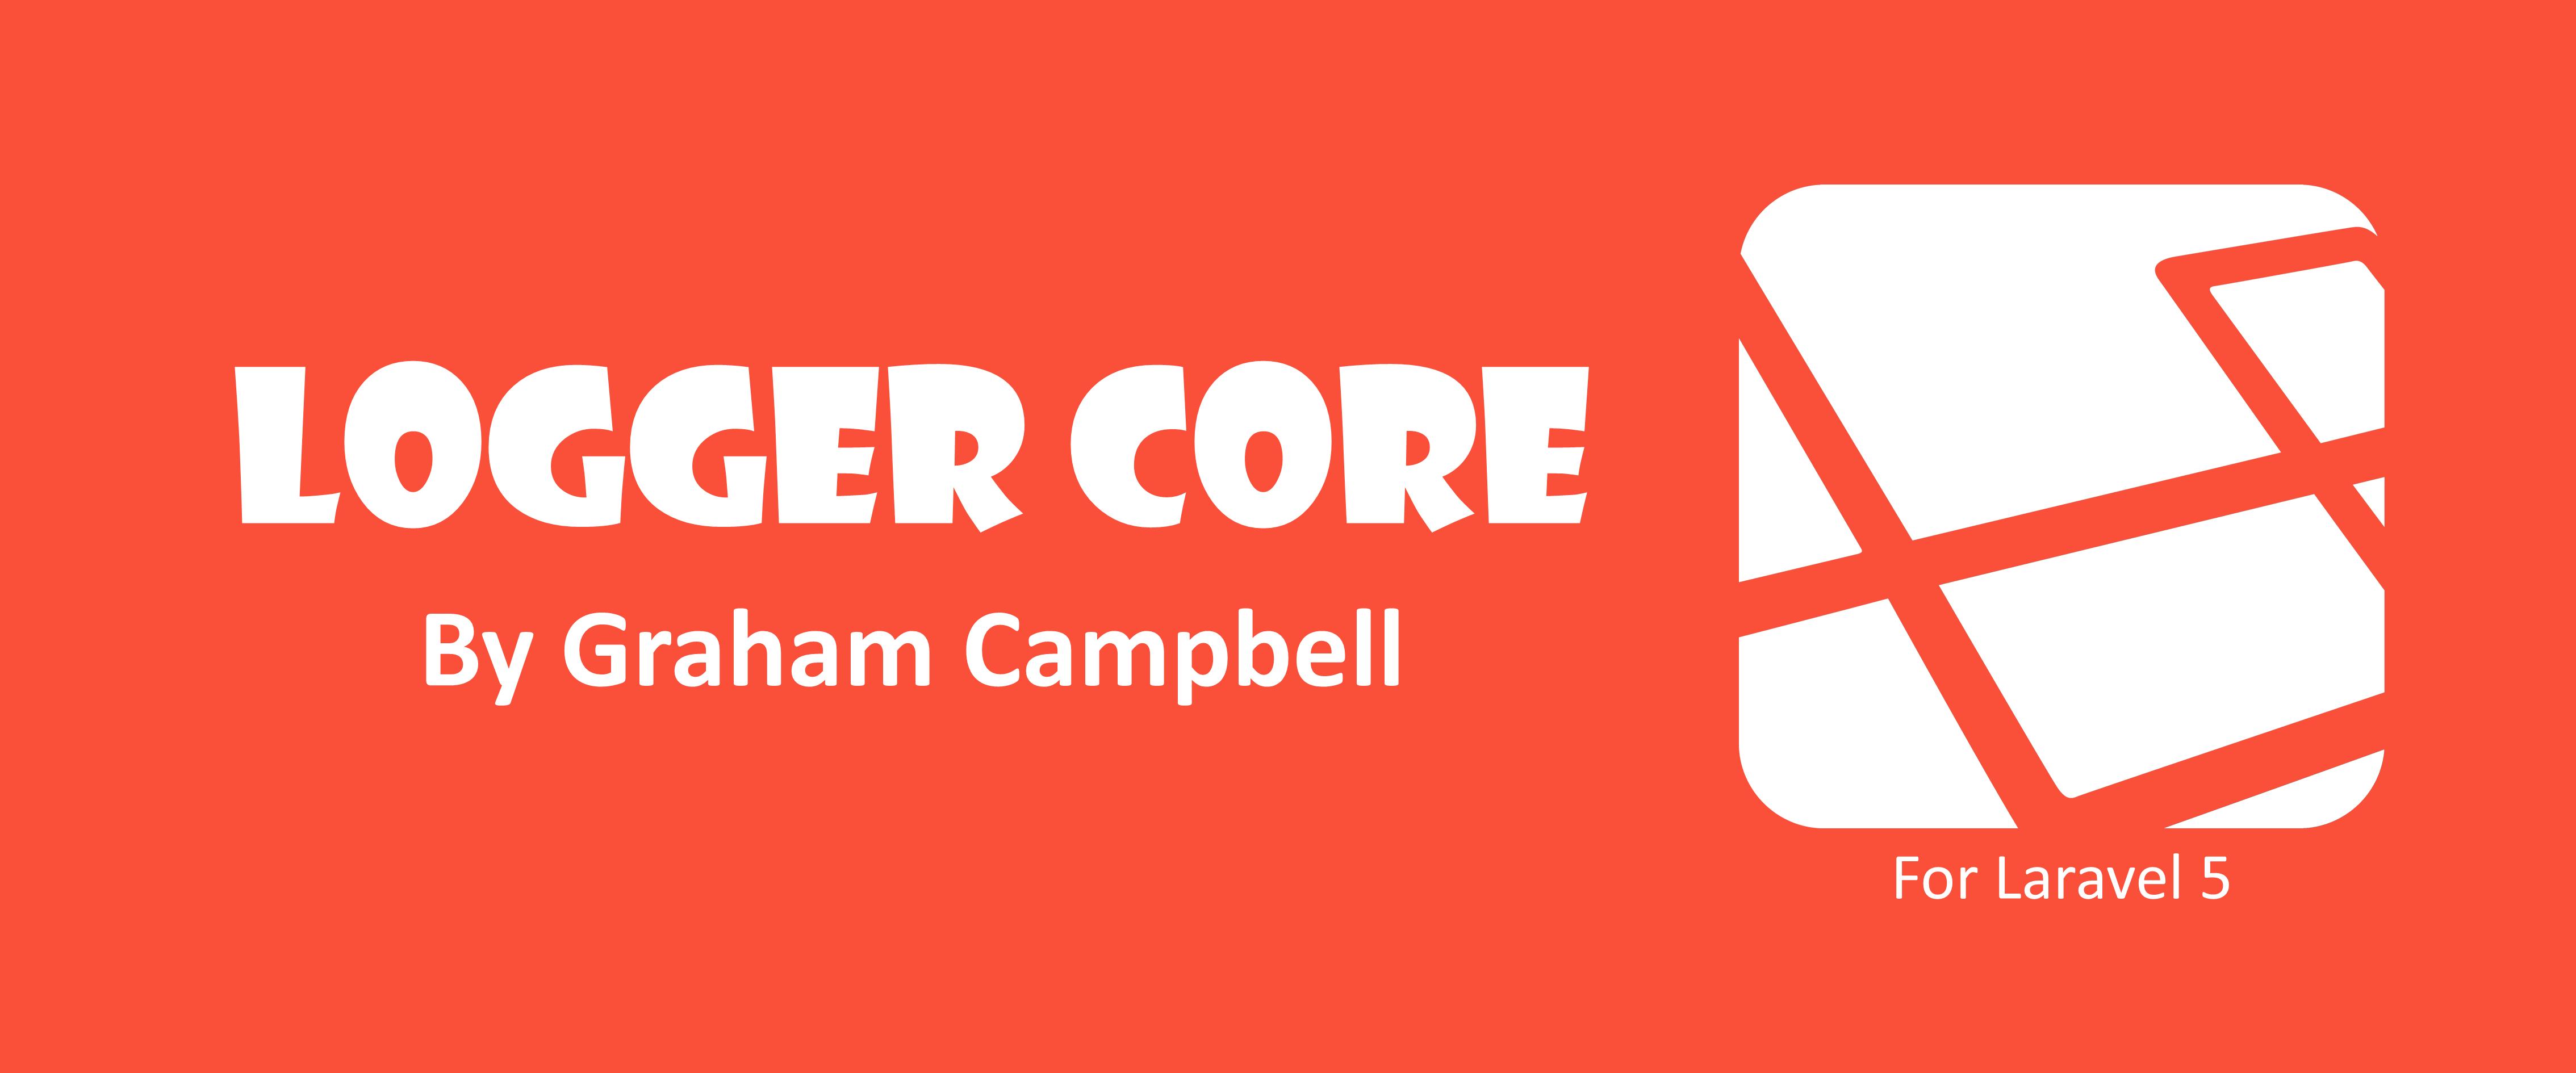 Laravel Logger Core